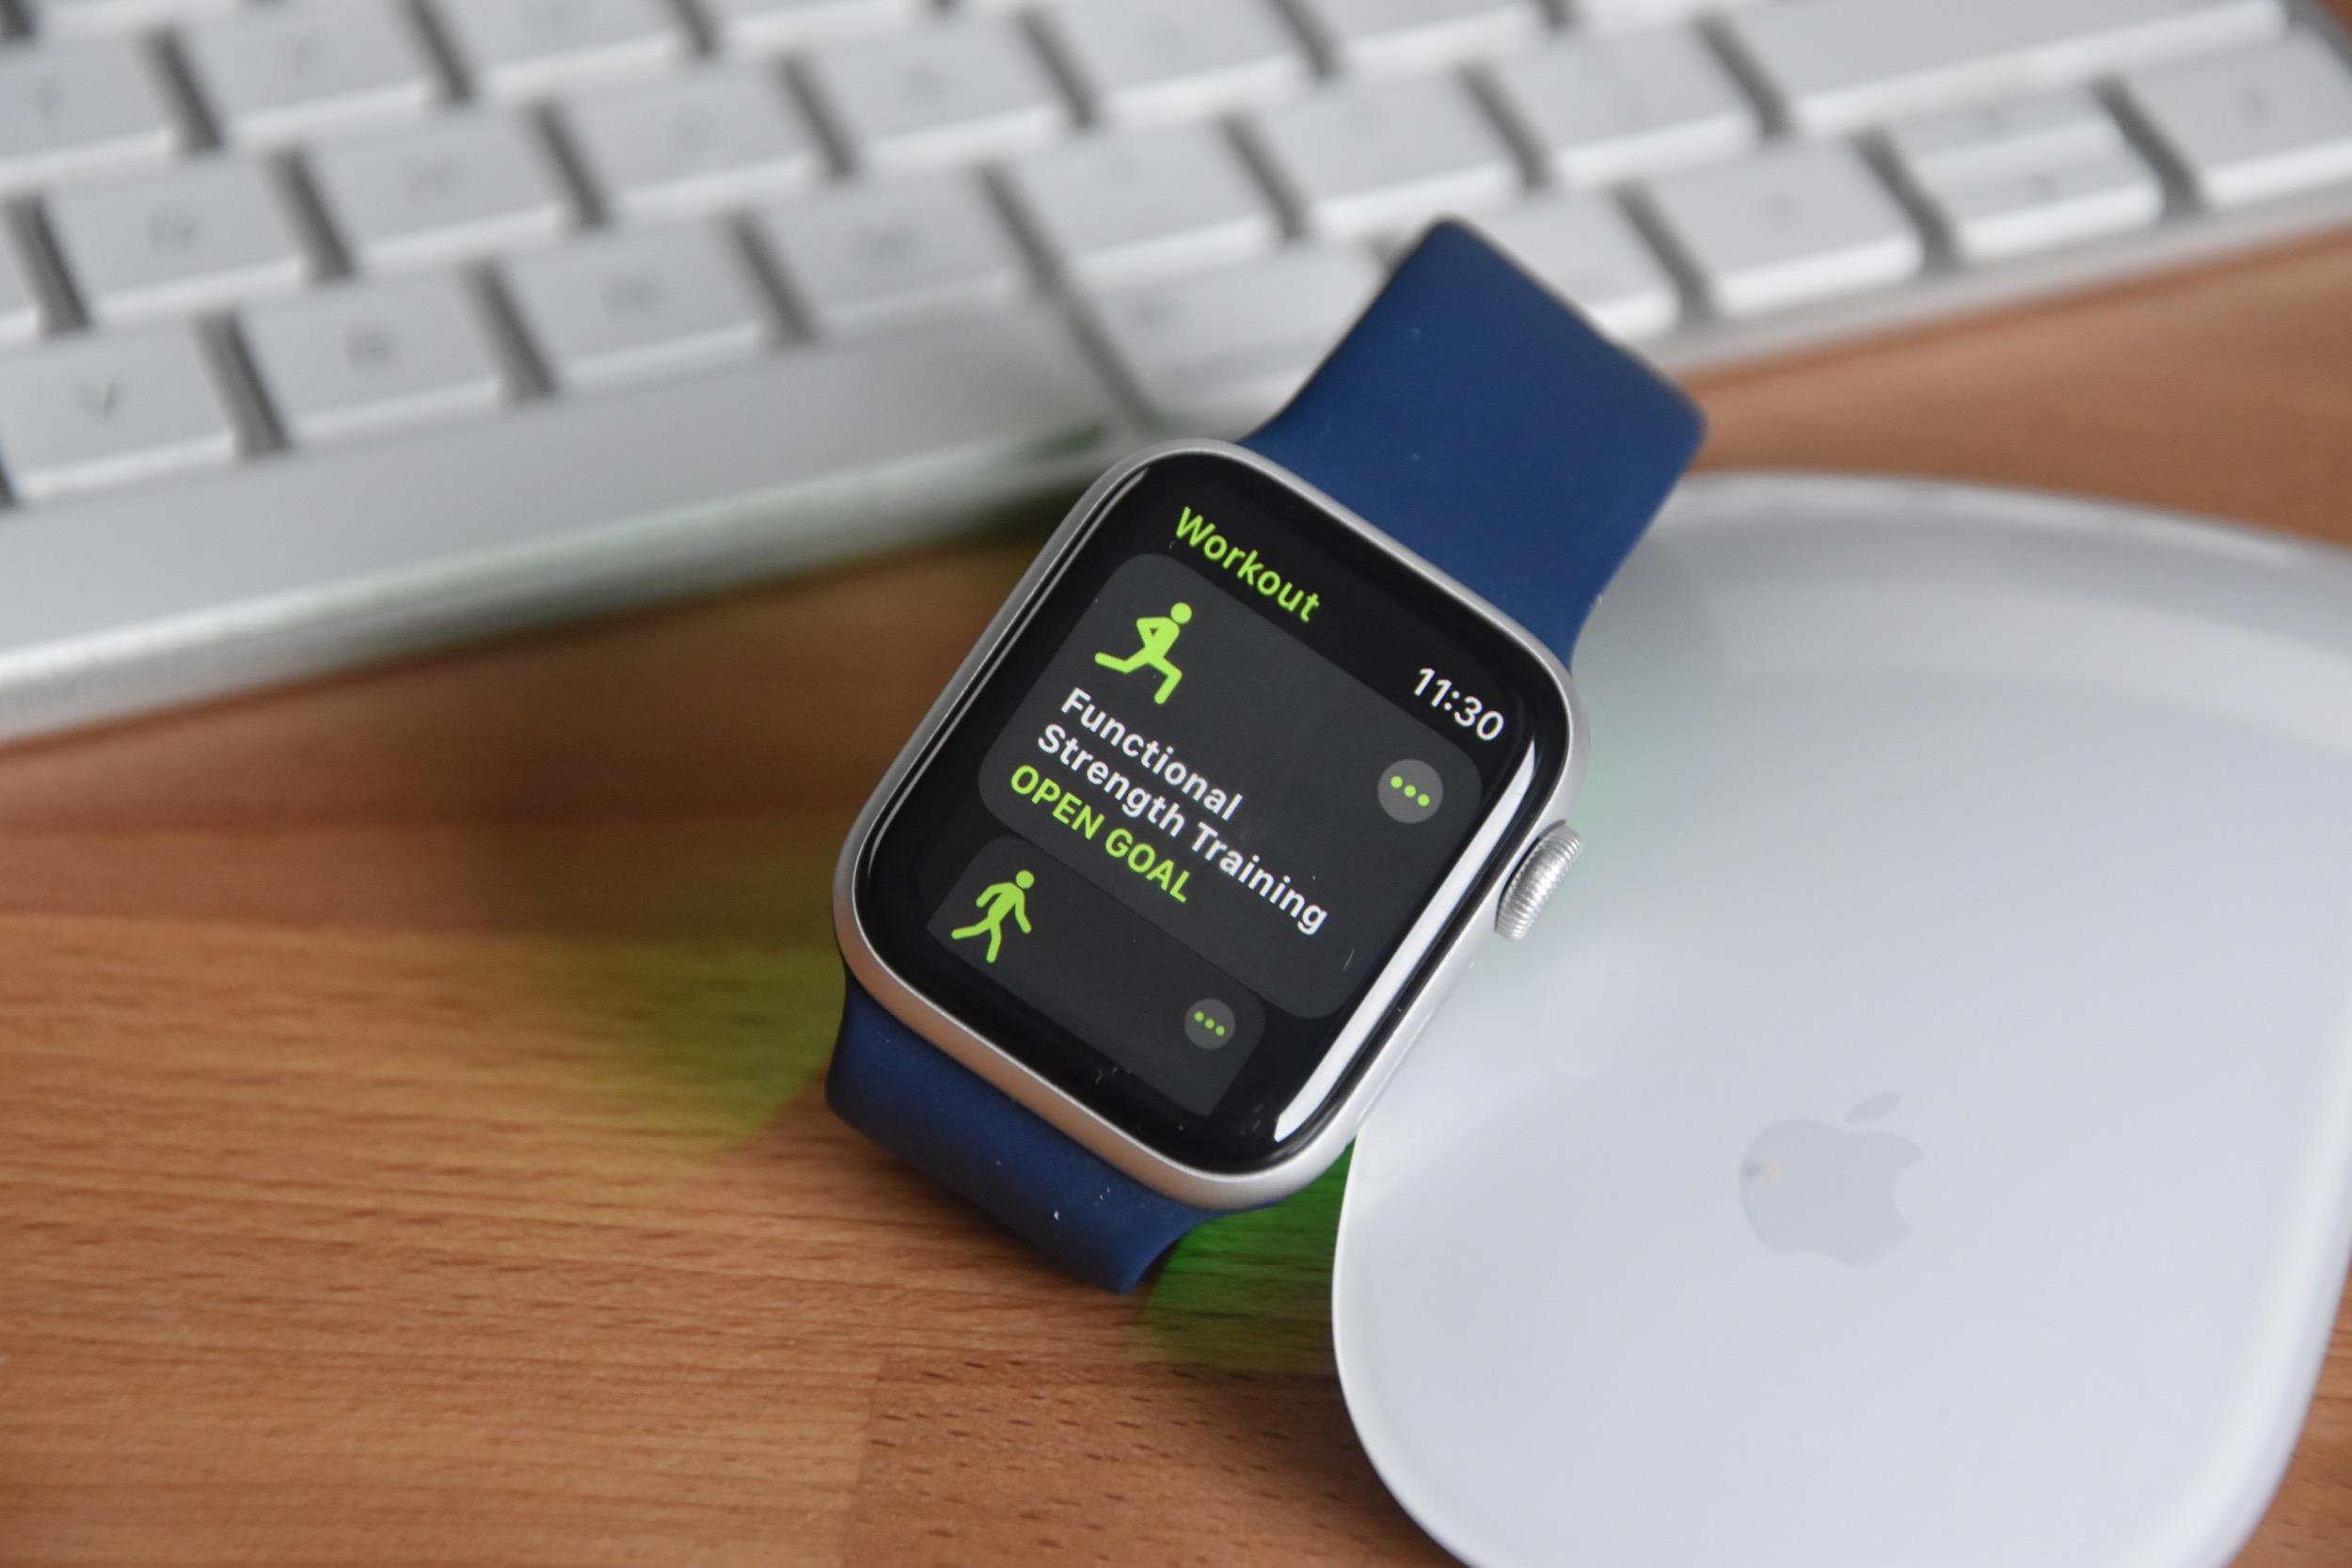 Apple Watch SE Workout App